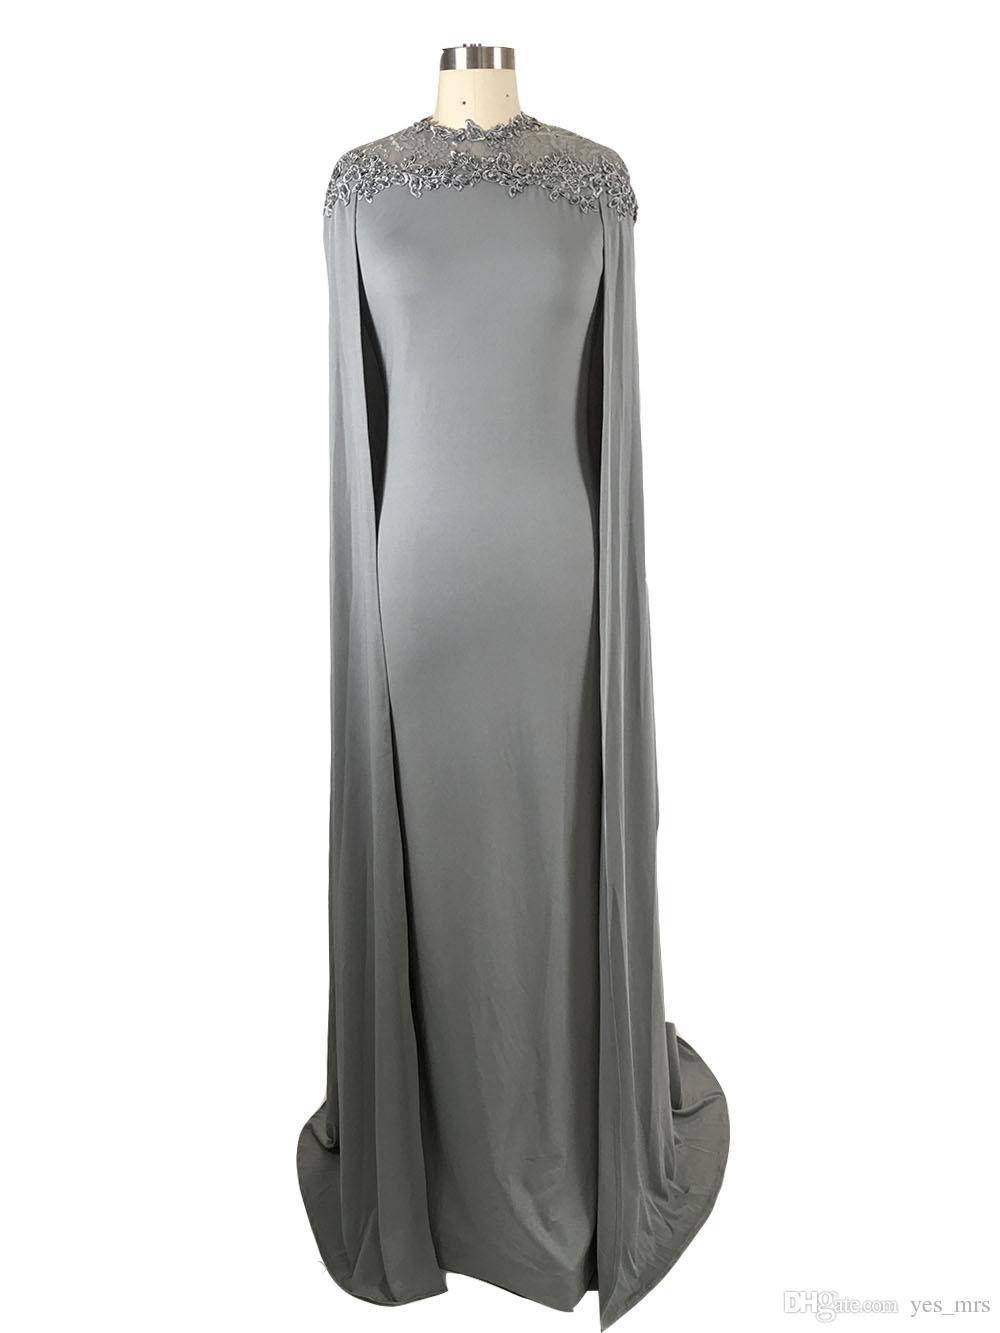 2017 Imagen real de largo con el cabo del cordón de la madre de la novia viste el partido formal más el tamaño de vestidos de baile para el vestido de la novia de la boda